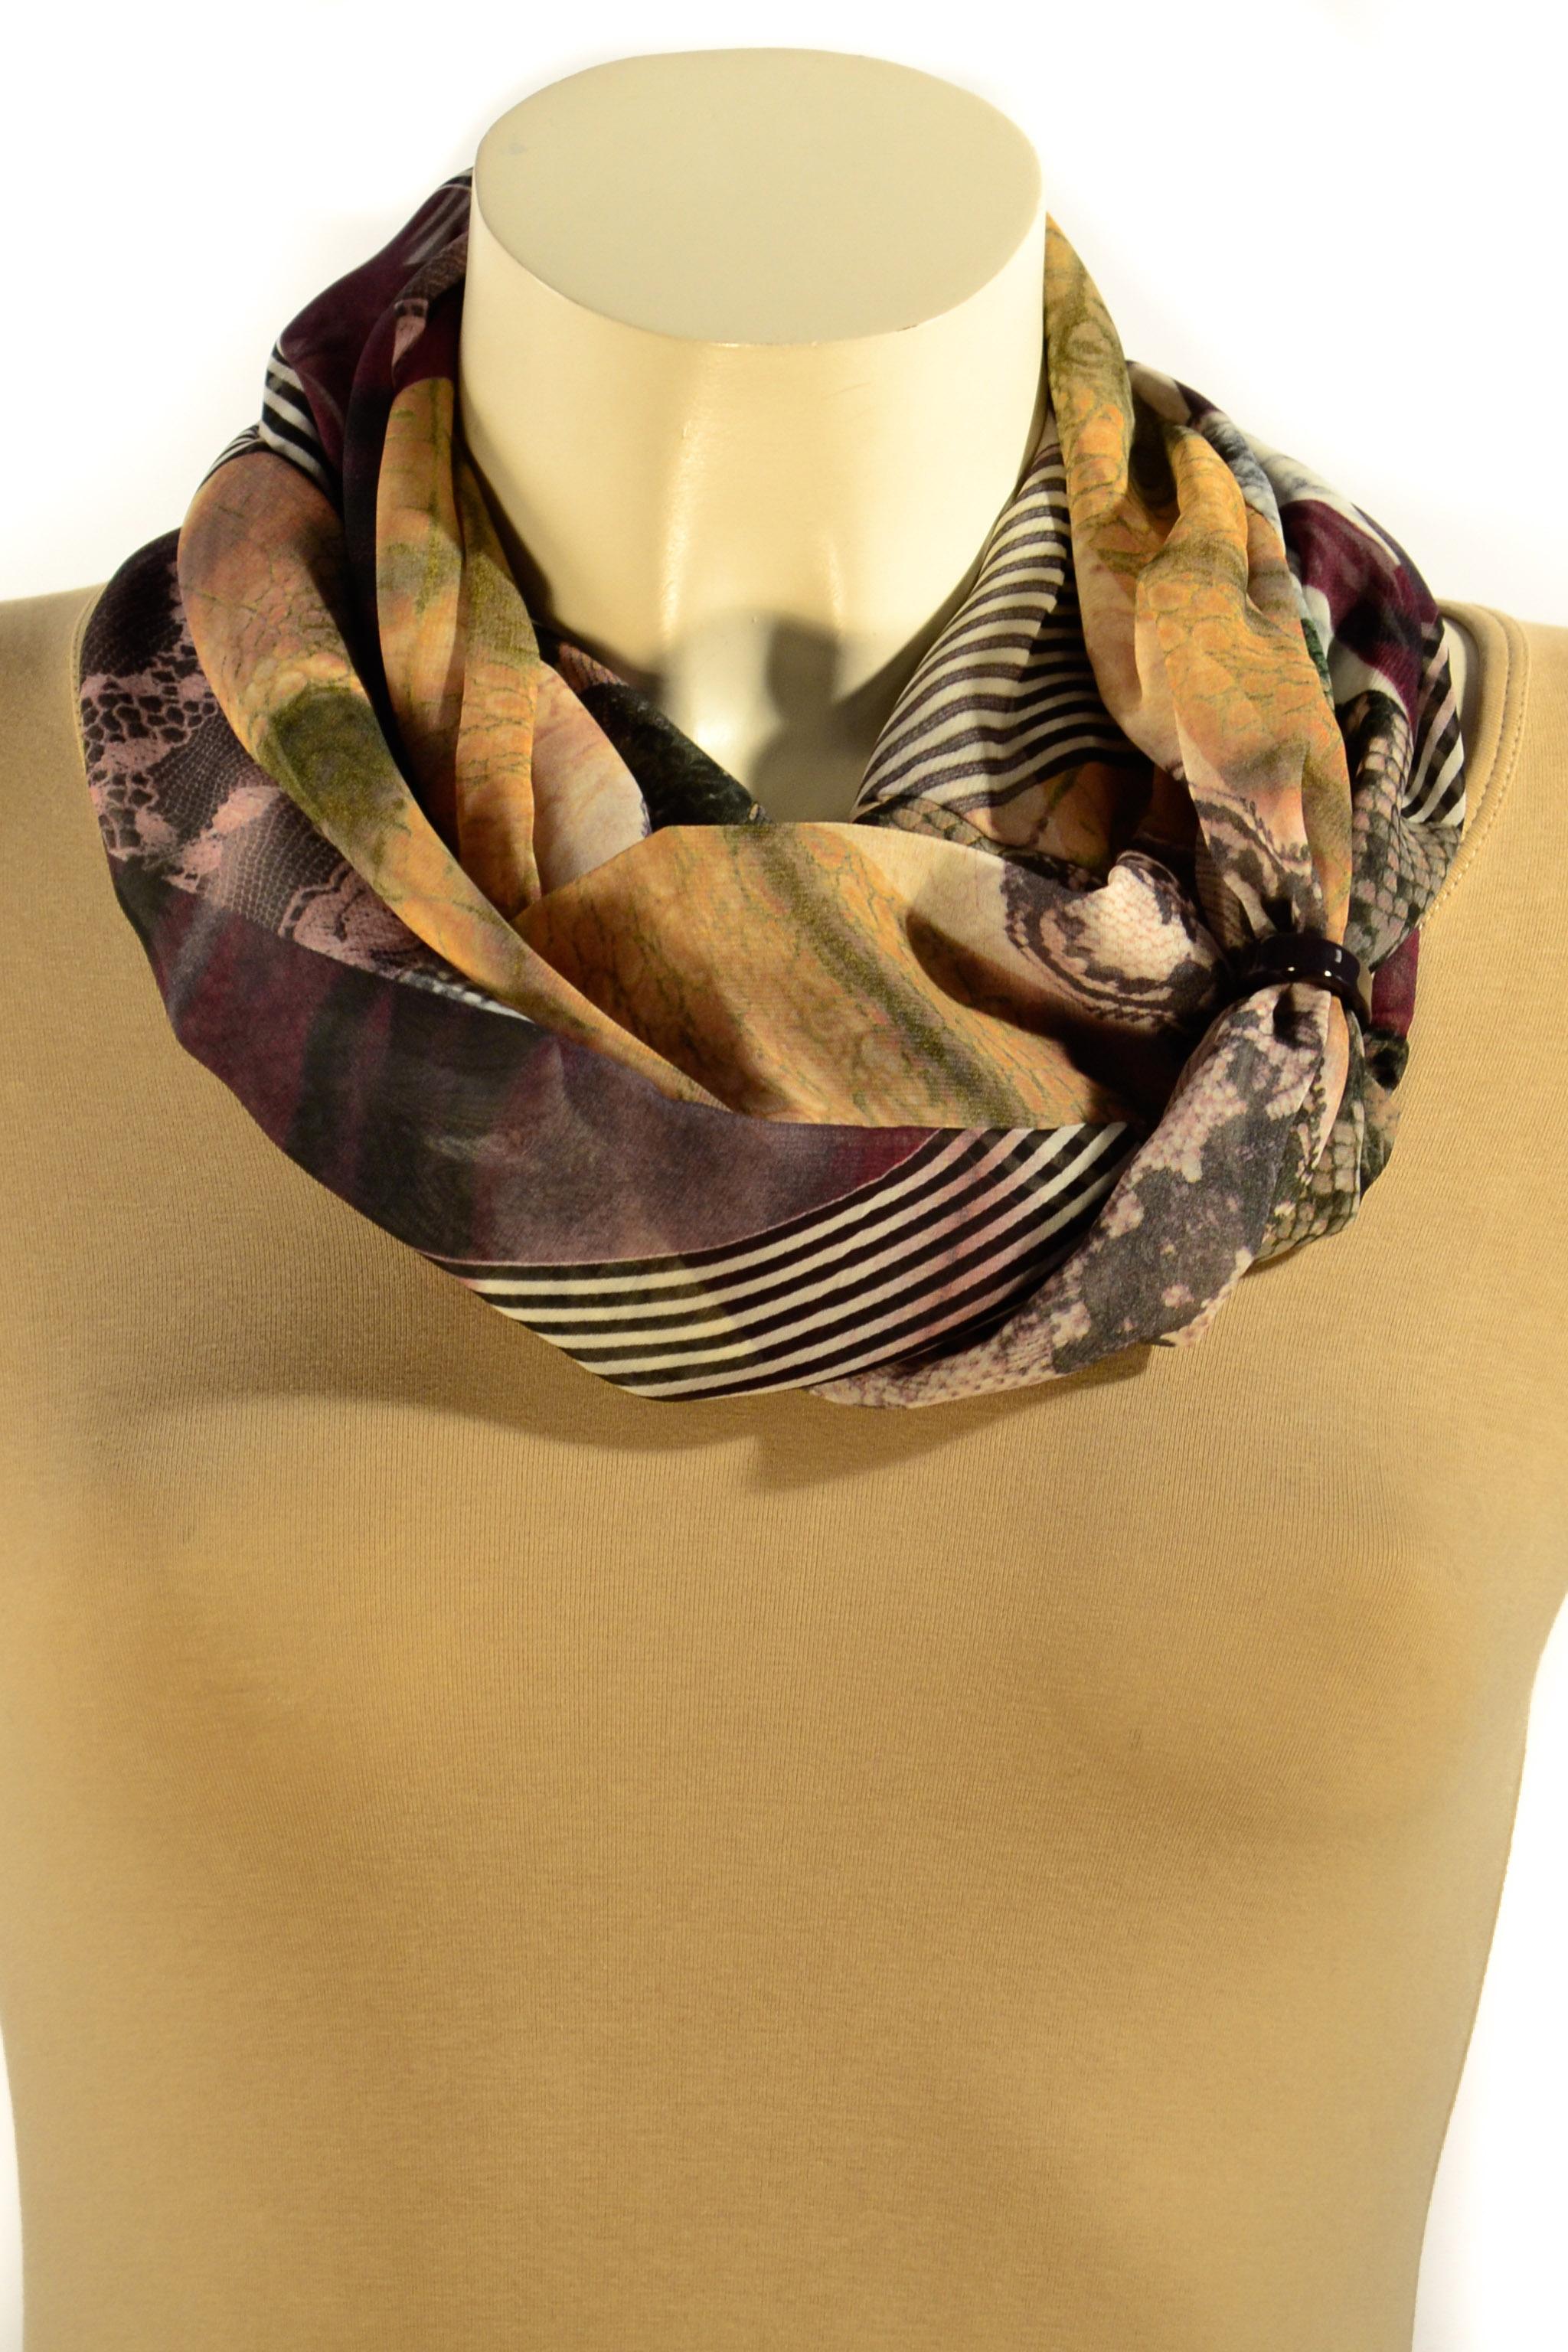 Шарф-дуэтШарфы<br>Шарф - дуэт это тандем шарфа и муфты, которая вшита в шарф - трубу. Шарф - труба в сшитом состоянии: длина 140 см, ширина 24 см.  В изделии использованы цвета: коричневый, бежевый и др.<br><br>По сезону: Всесезон<br>Размер : UNI<br>Материал: Шифон<br>Количество в наличии: 2